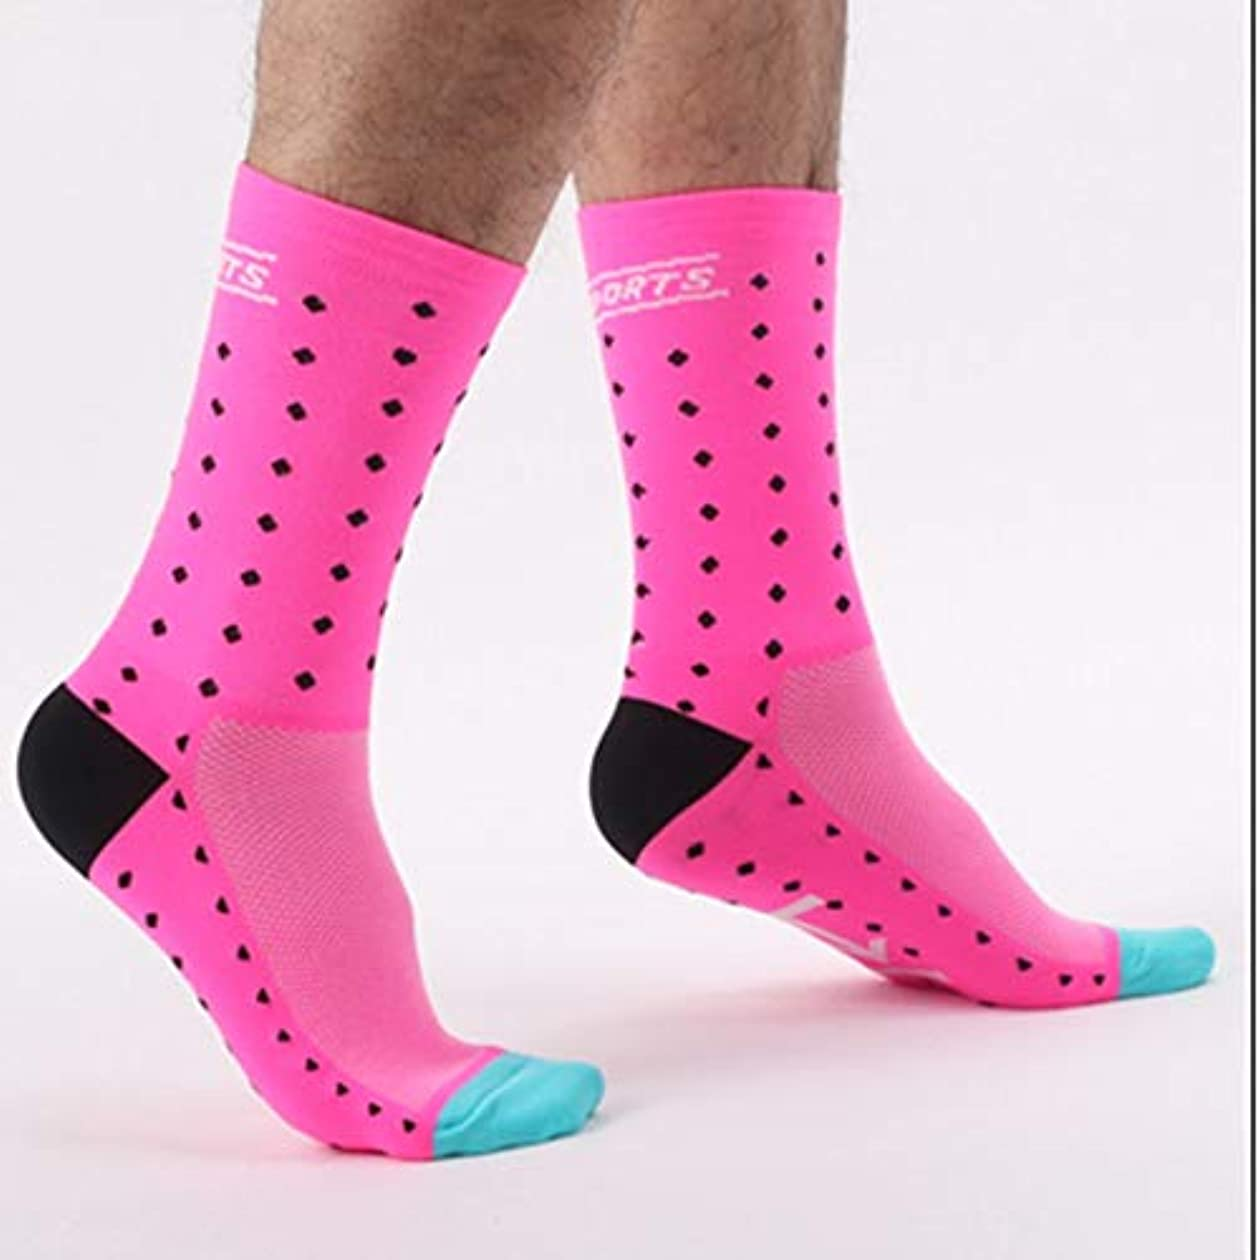 強調する富豪慢DH04快適なファッショナブルな屋外サイクリングソックス男性女性プロの通気性スポーツソックスバスケットボールソックス - ピンク